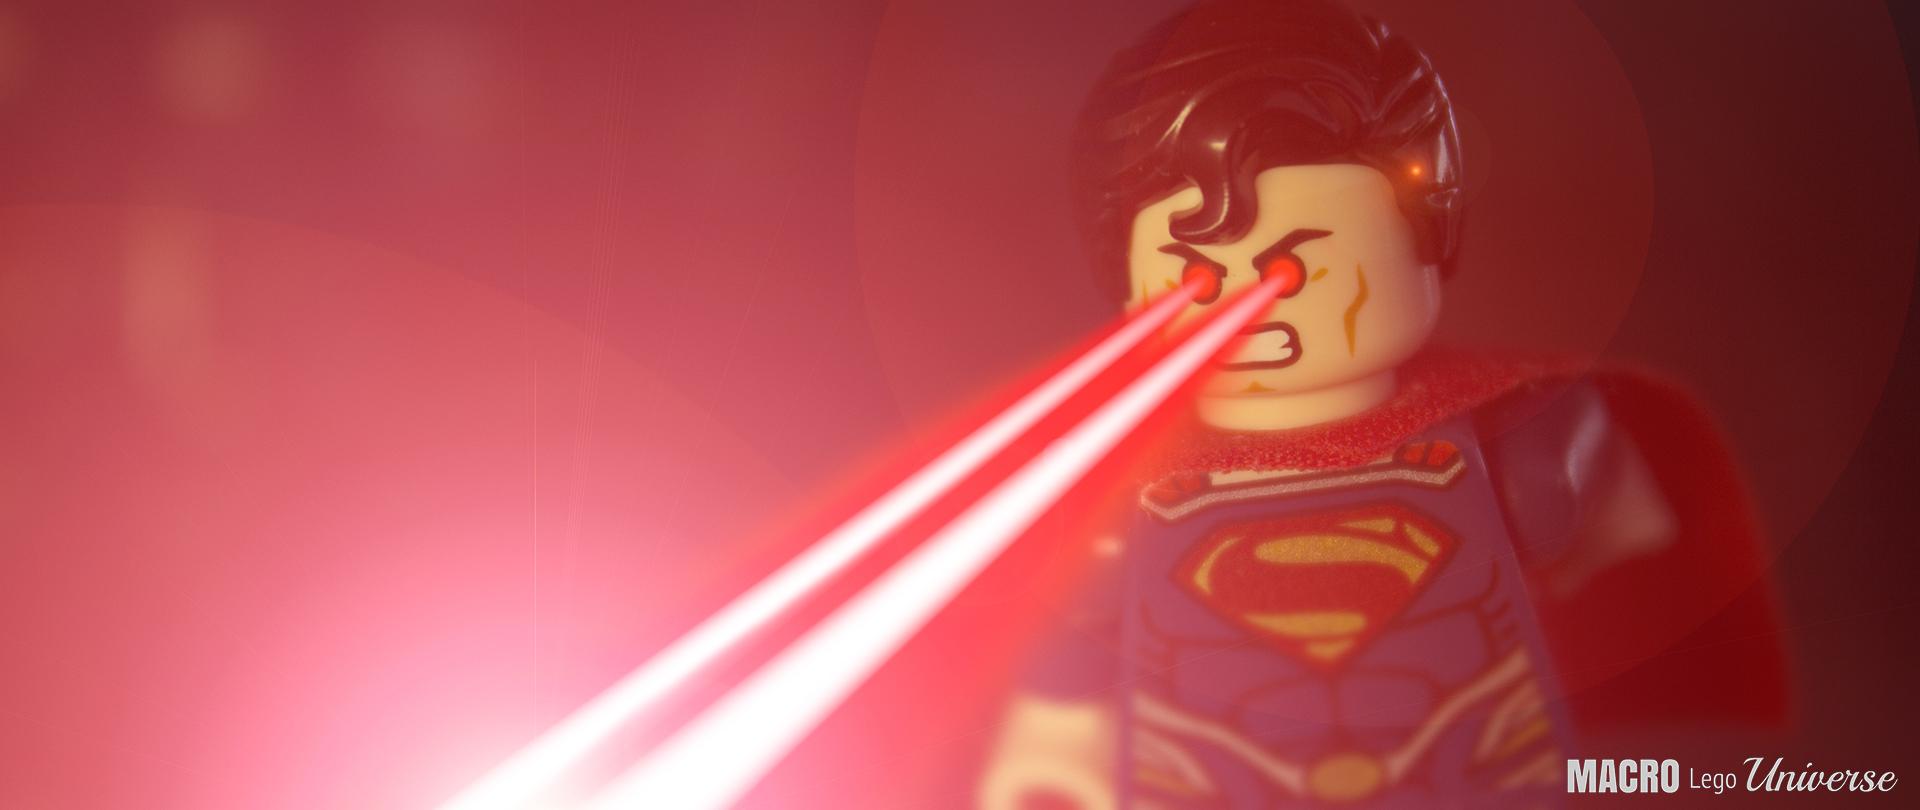 LEGO Superman Macro